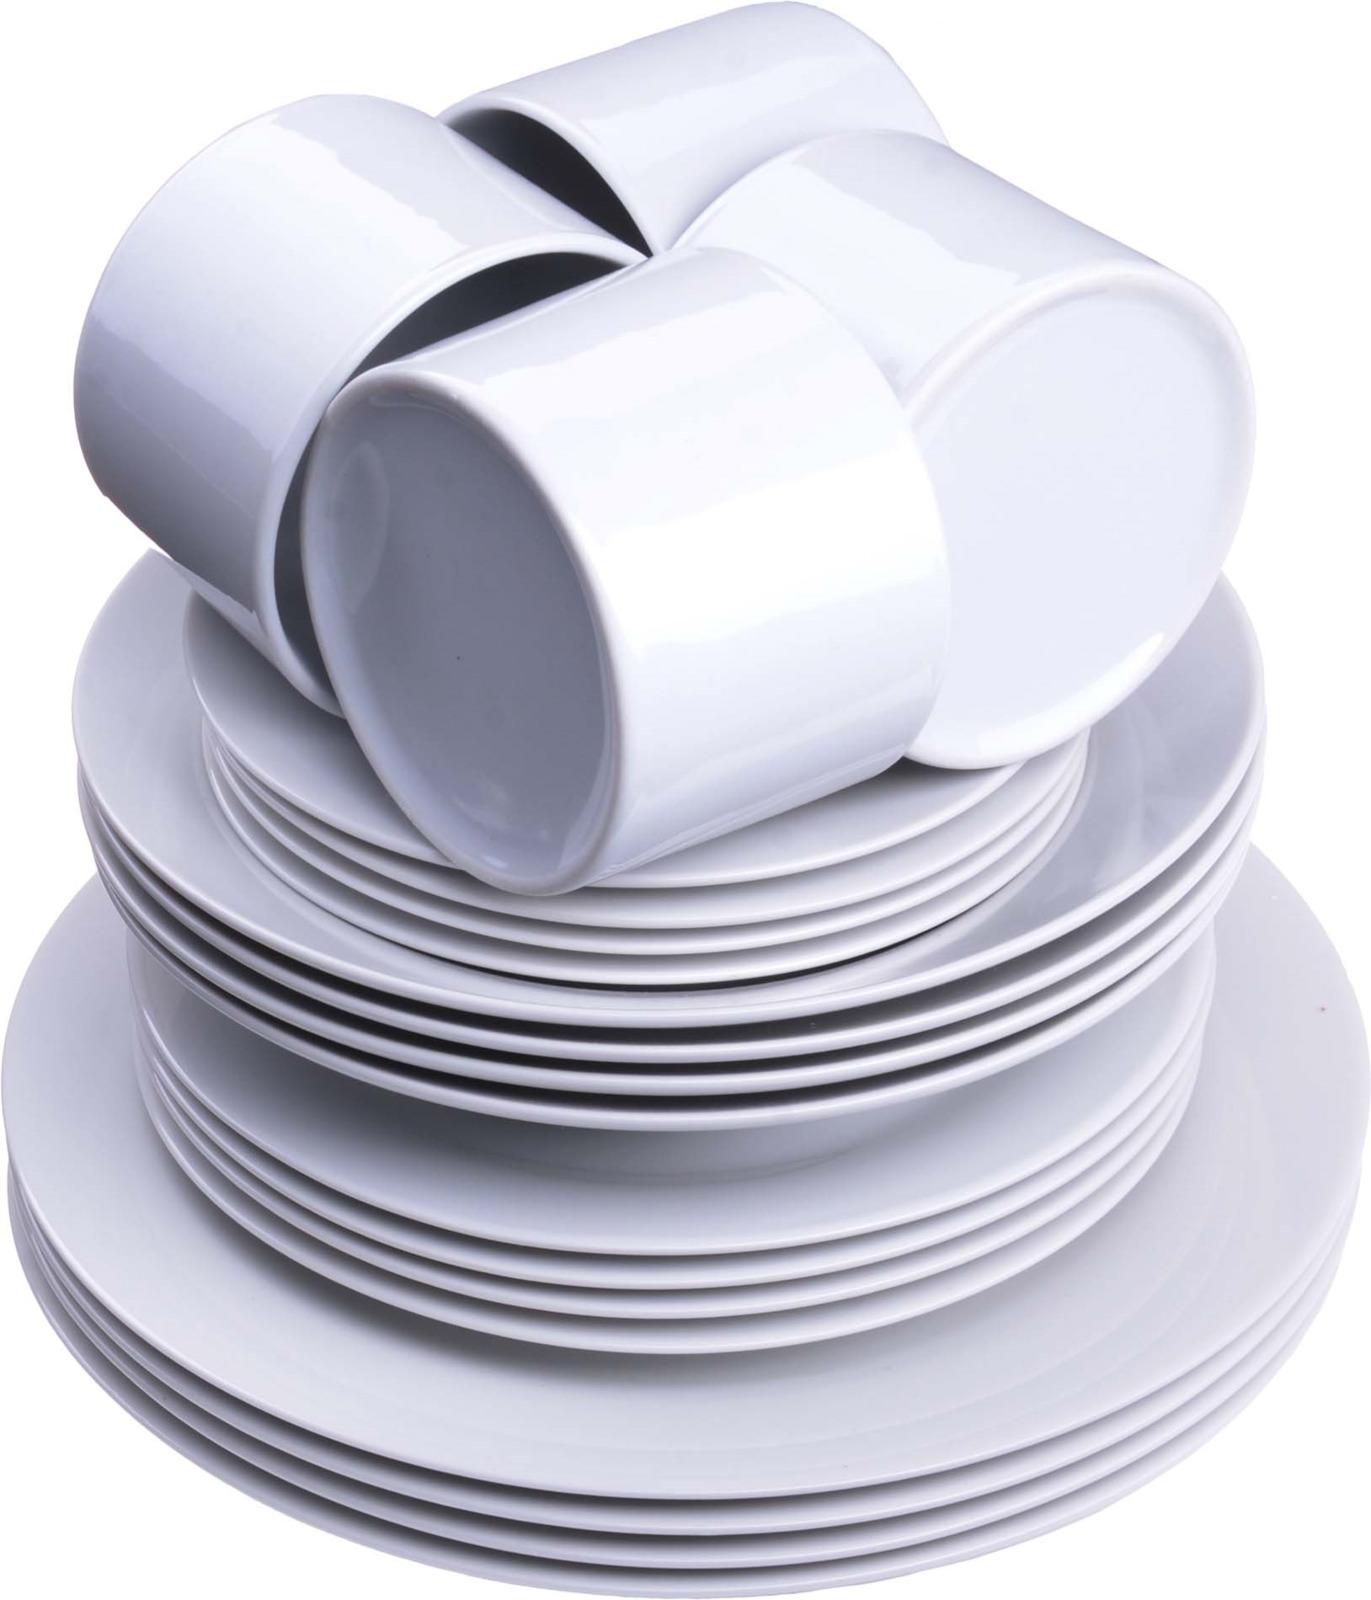 Сервиз обеденный Loraine, цвет: белый, 20 предметов. LR-27840